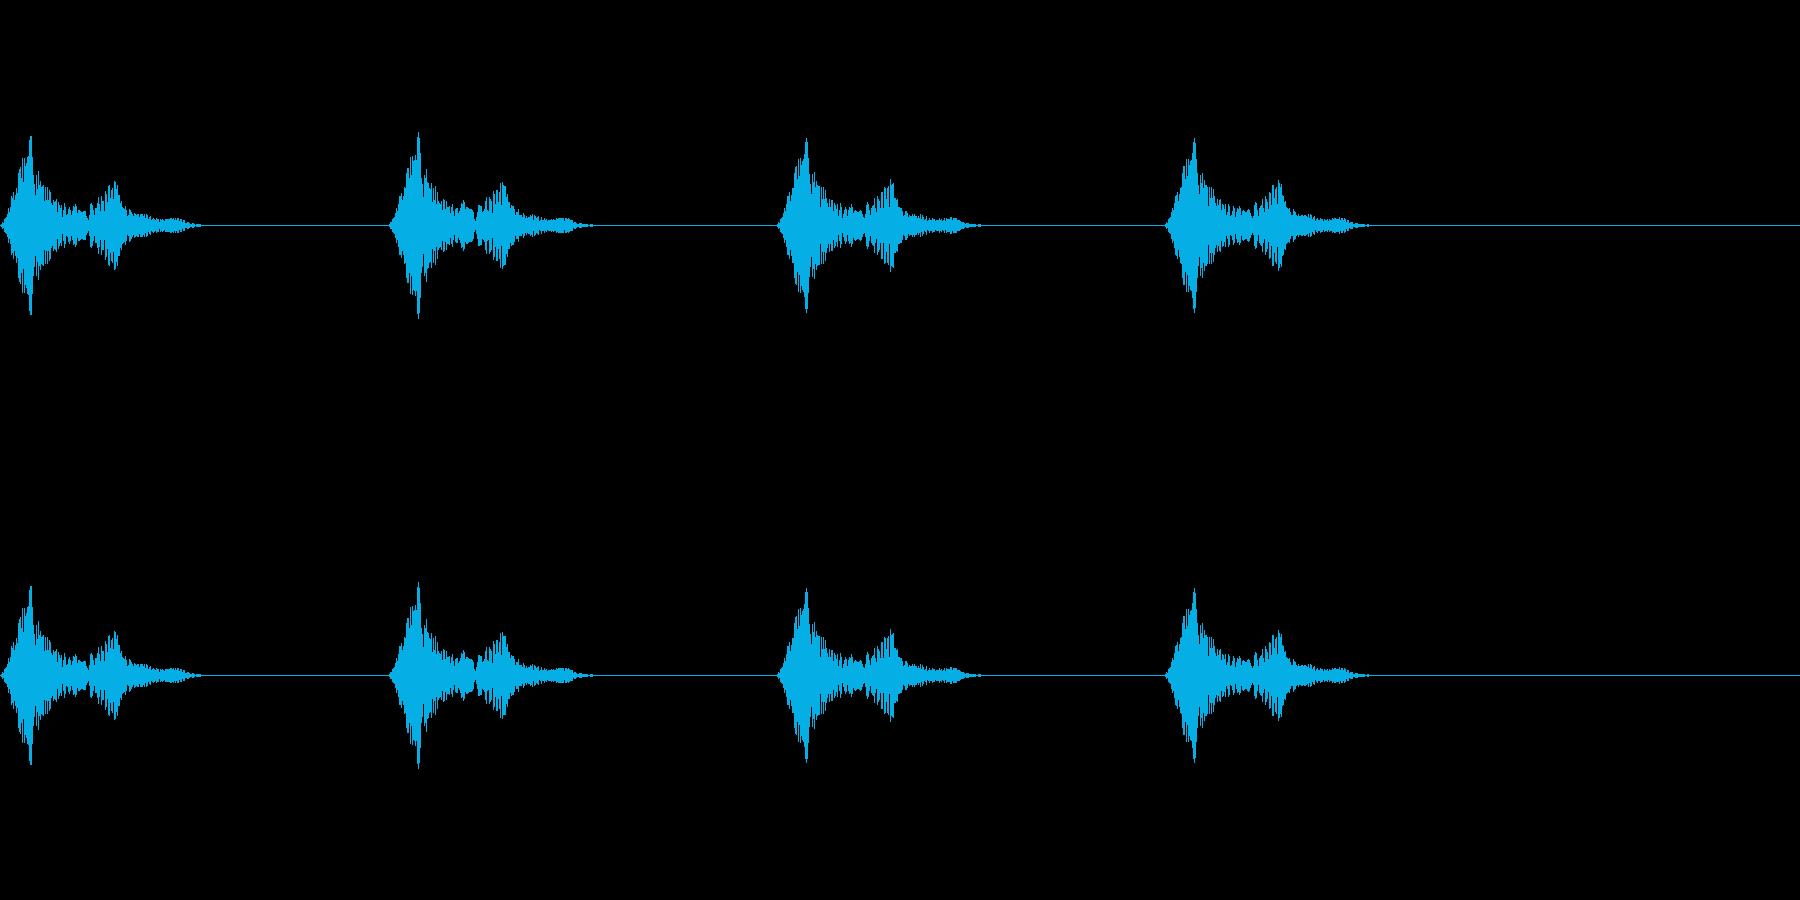 風船/バルーン/雲/ふわふわ/注入の再生済みの波形